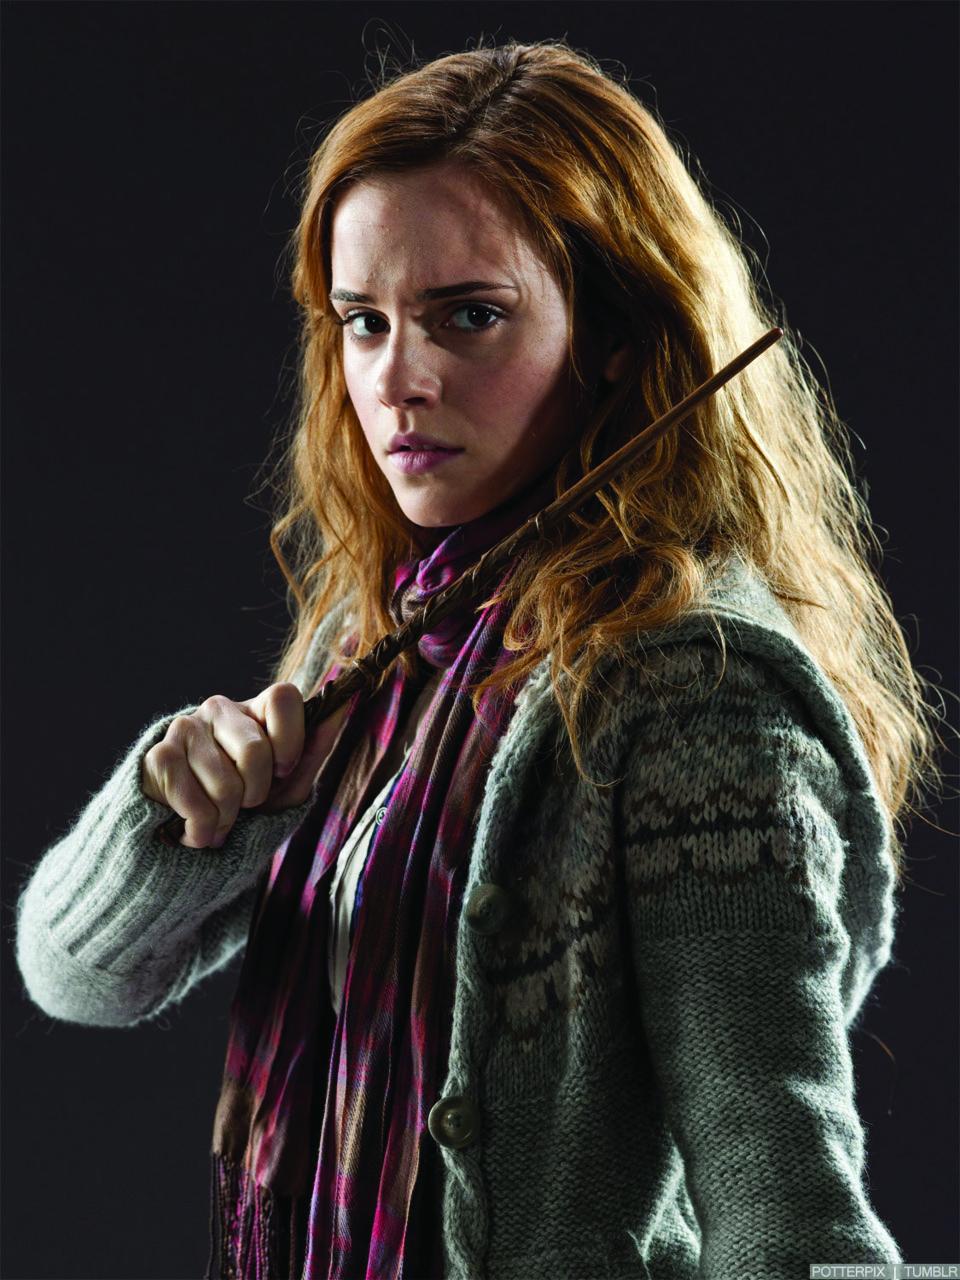 Hermione-Granger-hermione-granger-26743720-960-1280.jpg